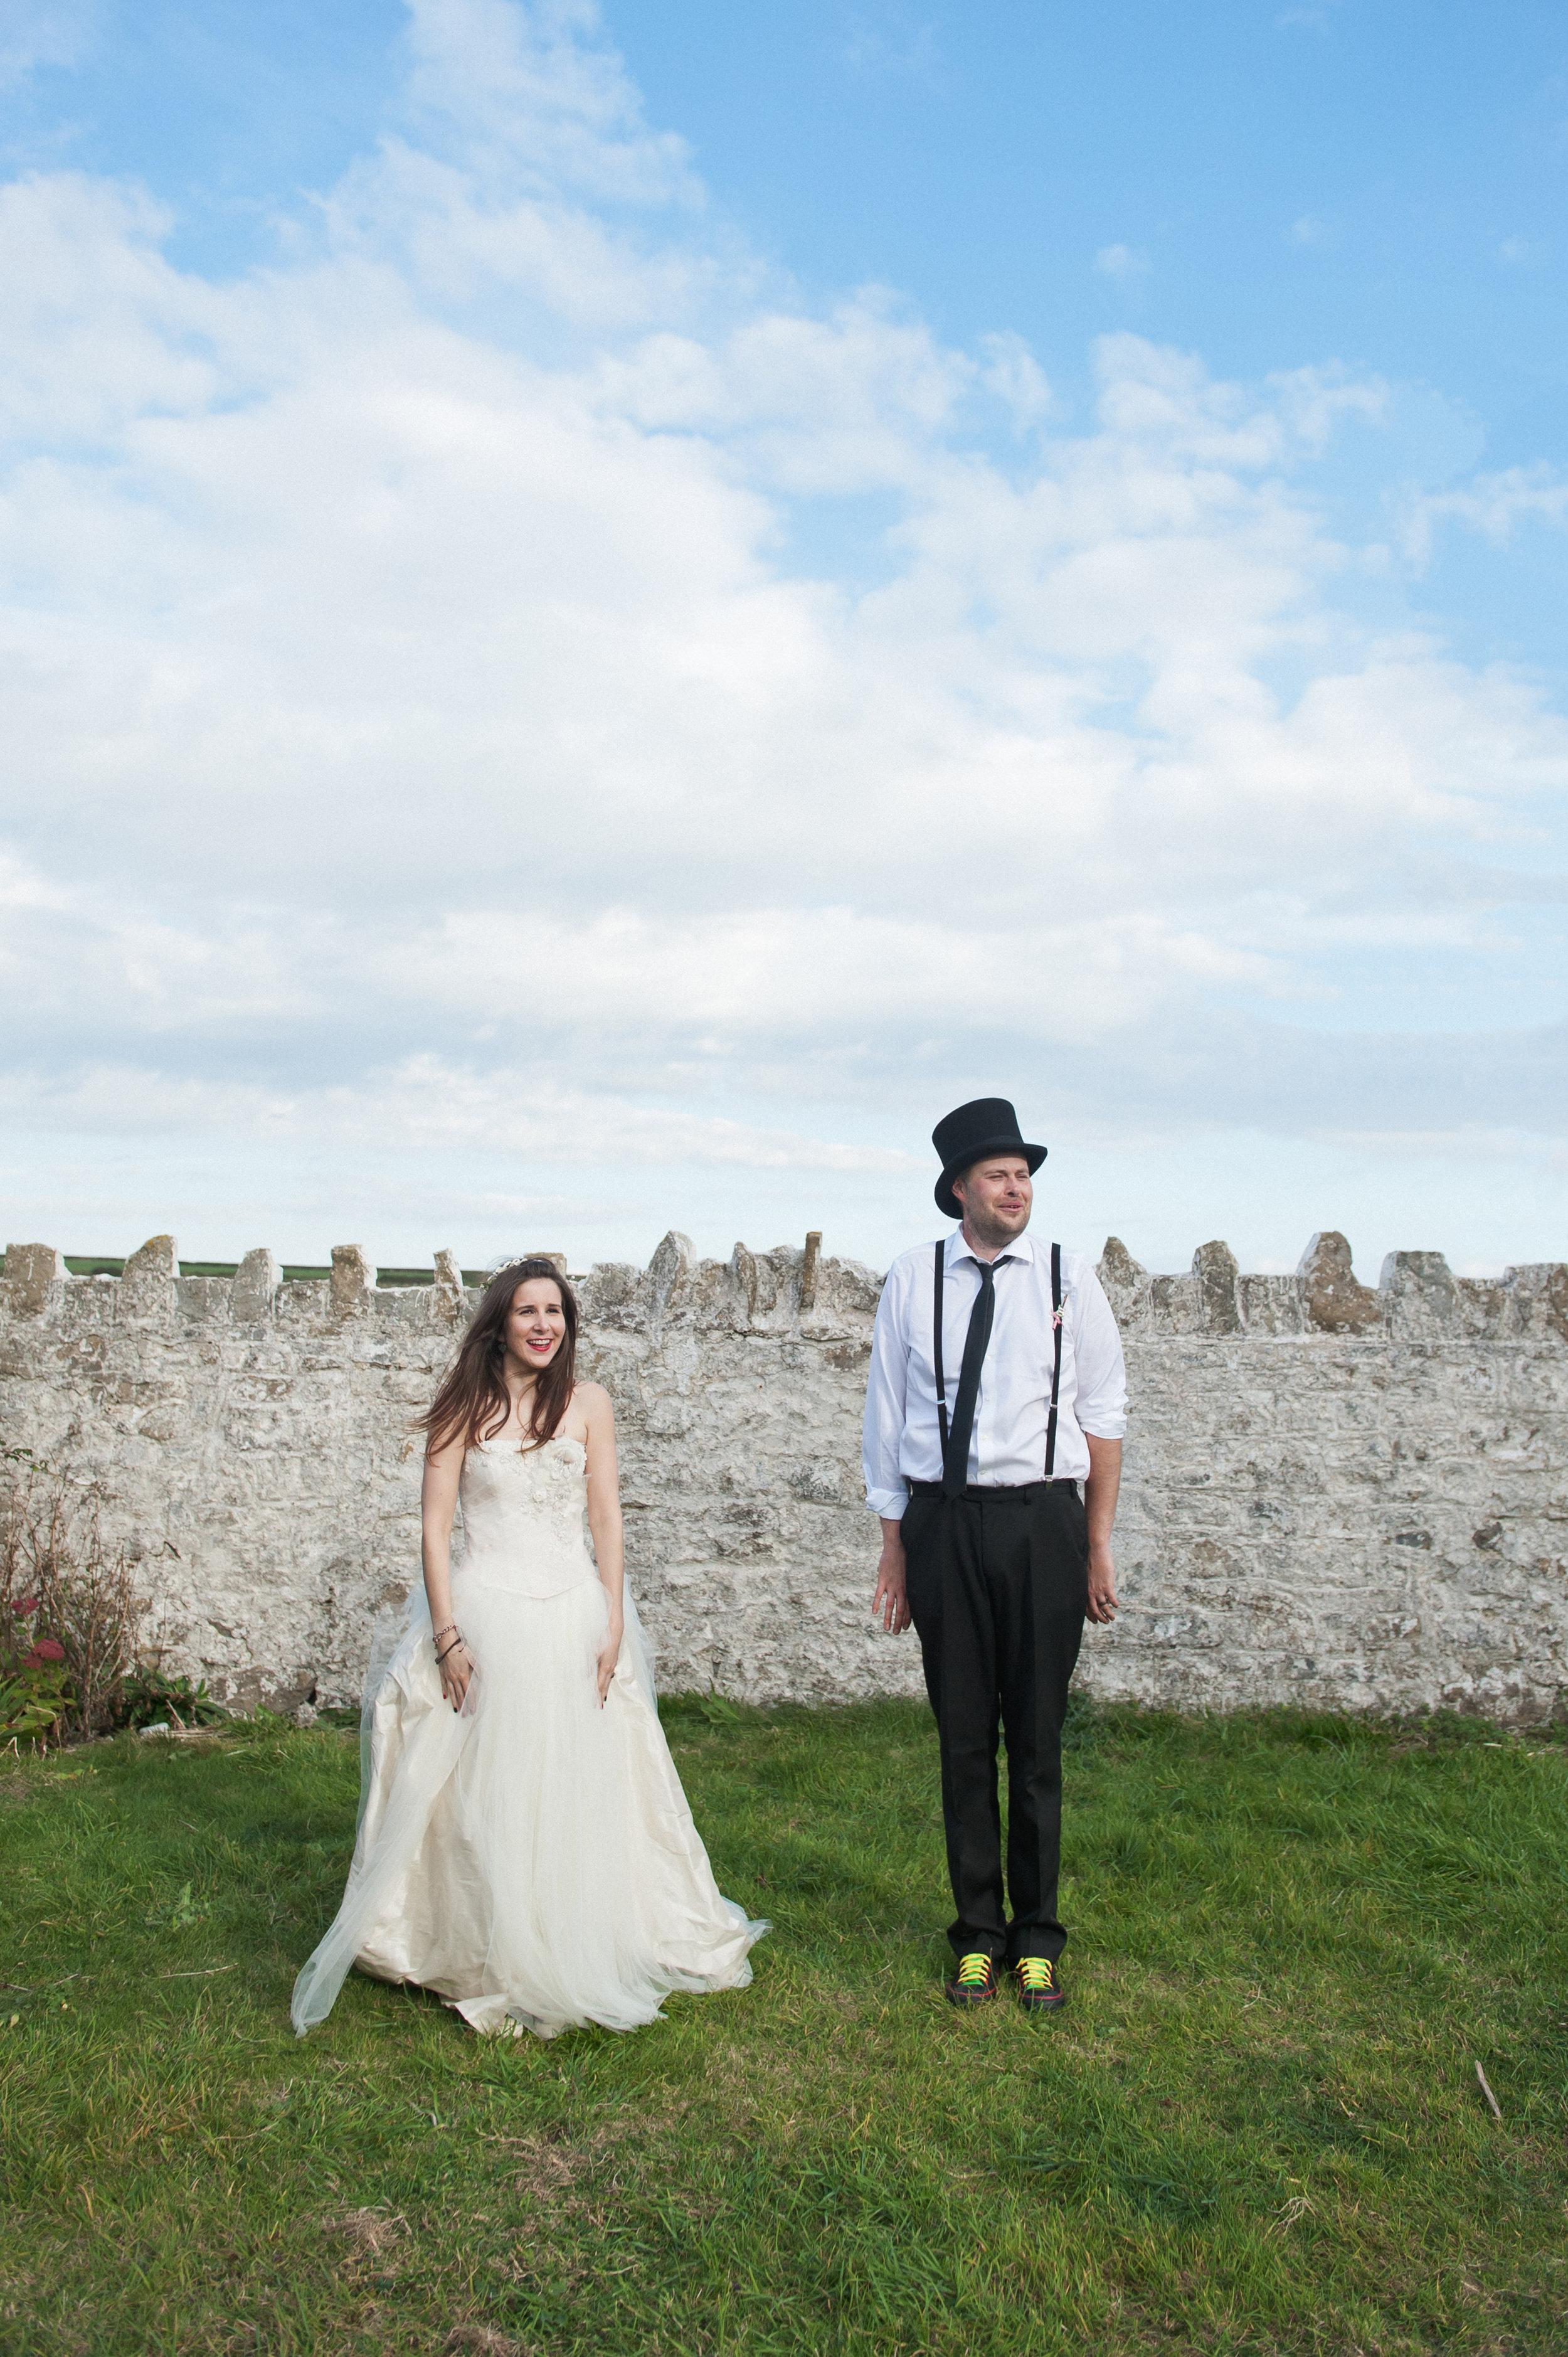 Holly & Tom - Rock N Roll Bride